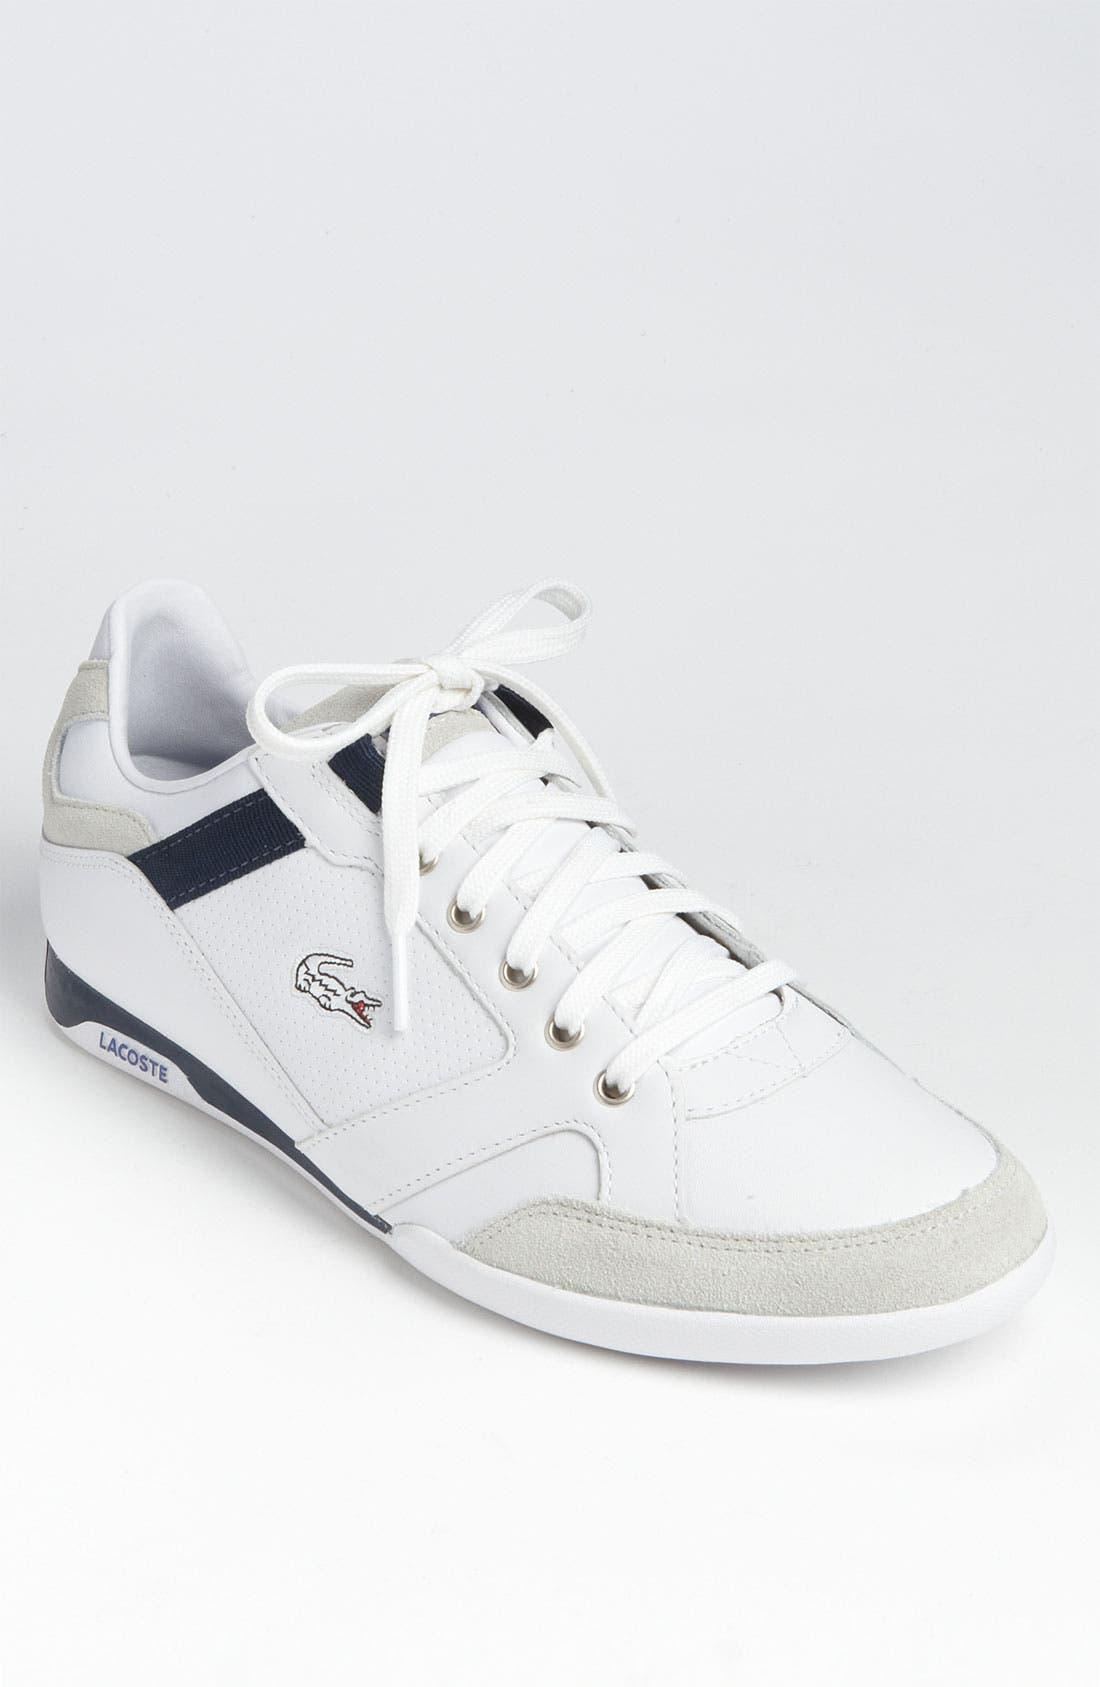 Main Image - Lacoste 'Telesio' Sneaker